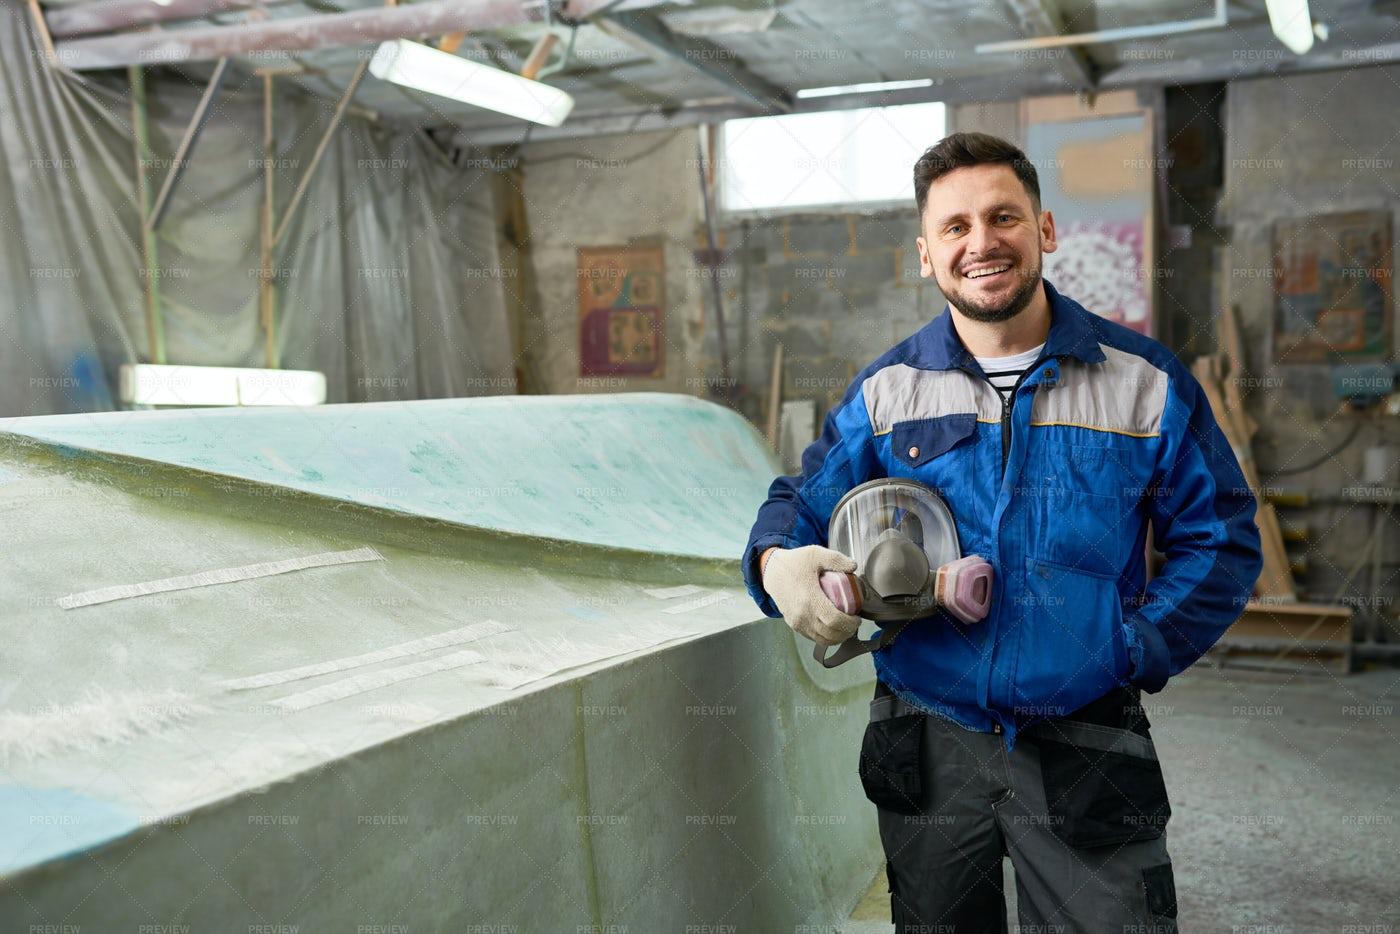 Boat Repairman Posing In Workshop: Stock Photos